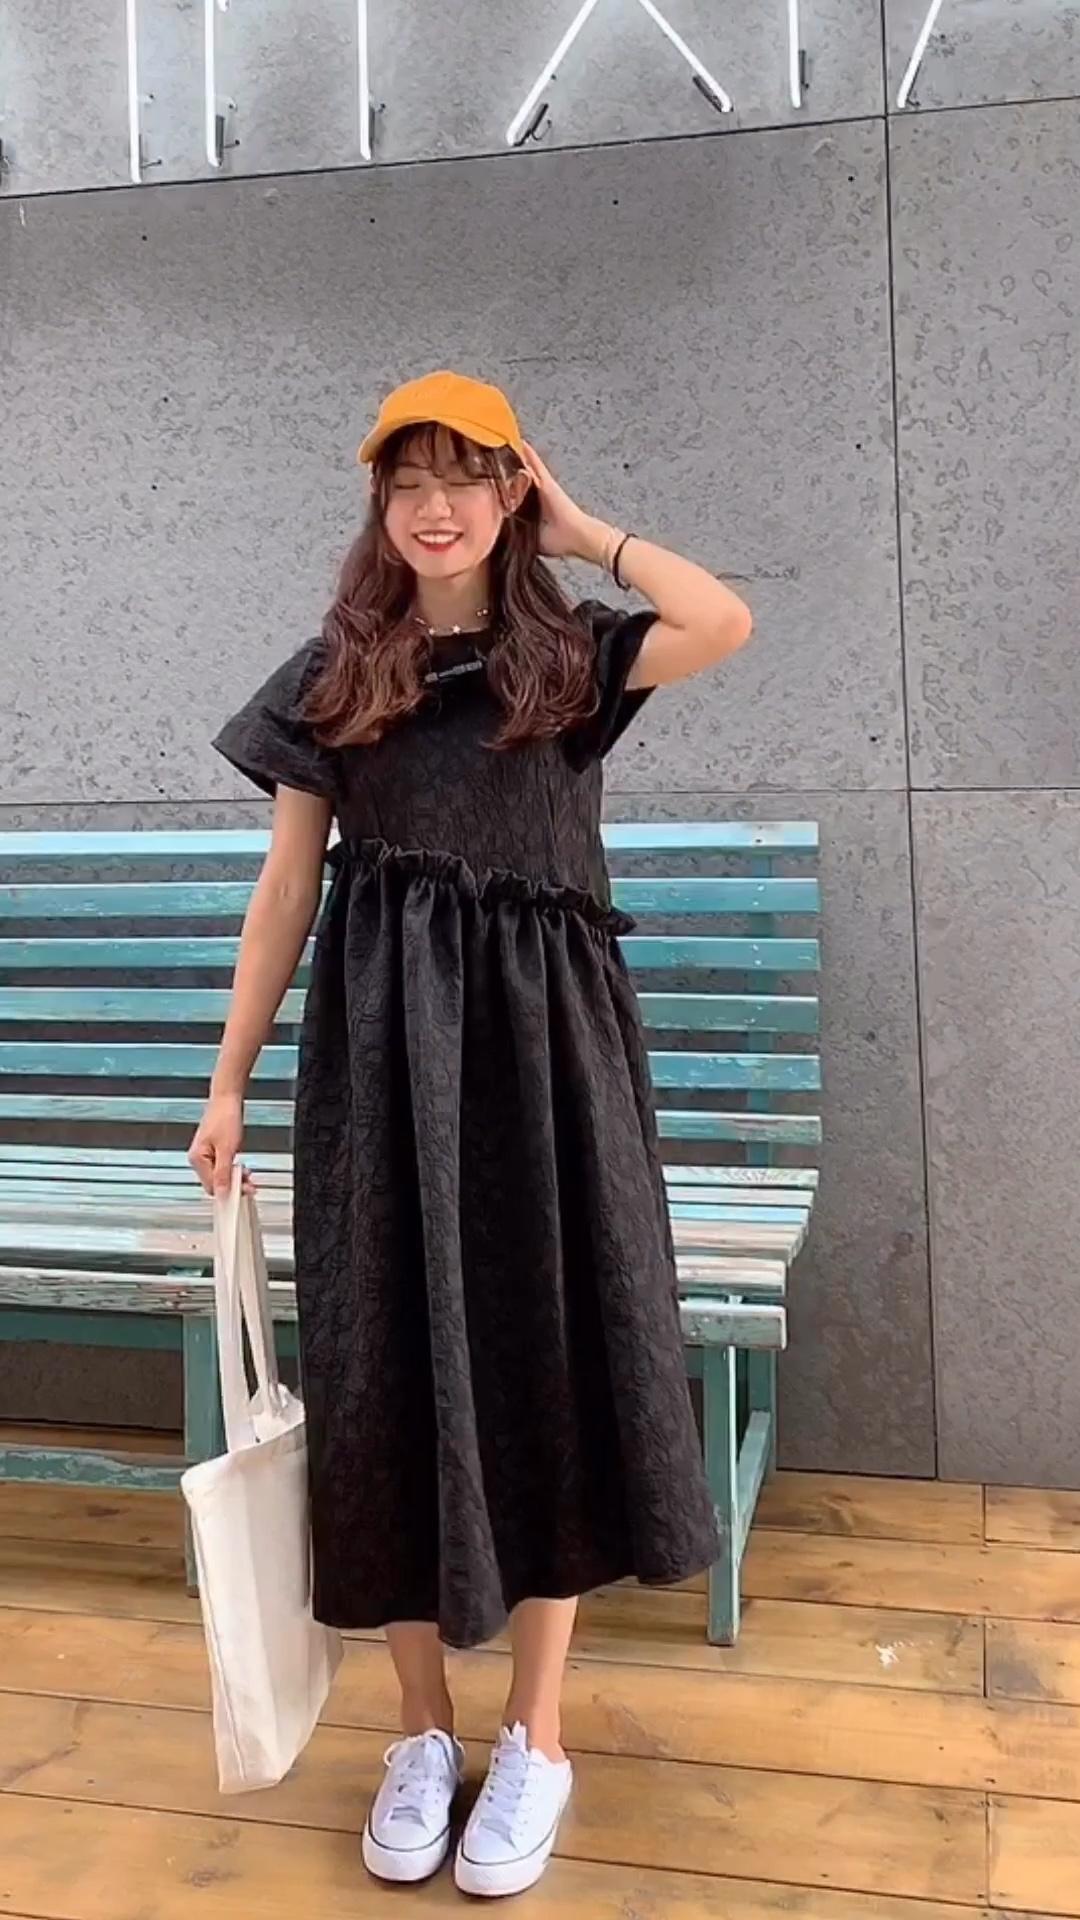 #胖女孩,8月显瘦穿搭速取# 〽️众所周知,黑色最显瘦 那么黑色的A字裙,必须更更更显瘦! 〽️独特的印花和小细节设计,穿上撞衫几率减少80%! 〽️甜甜的裙摆搭配黑色系,🉑️甜🉑️盐!